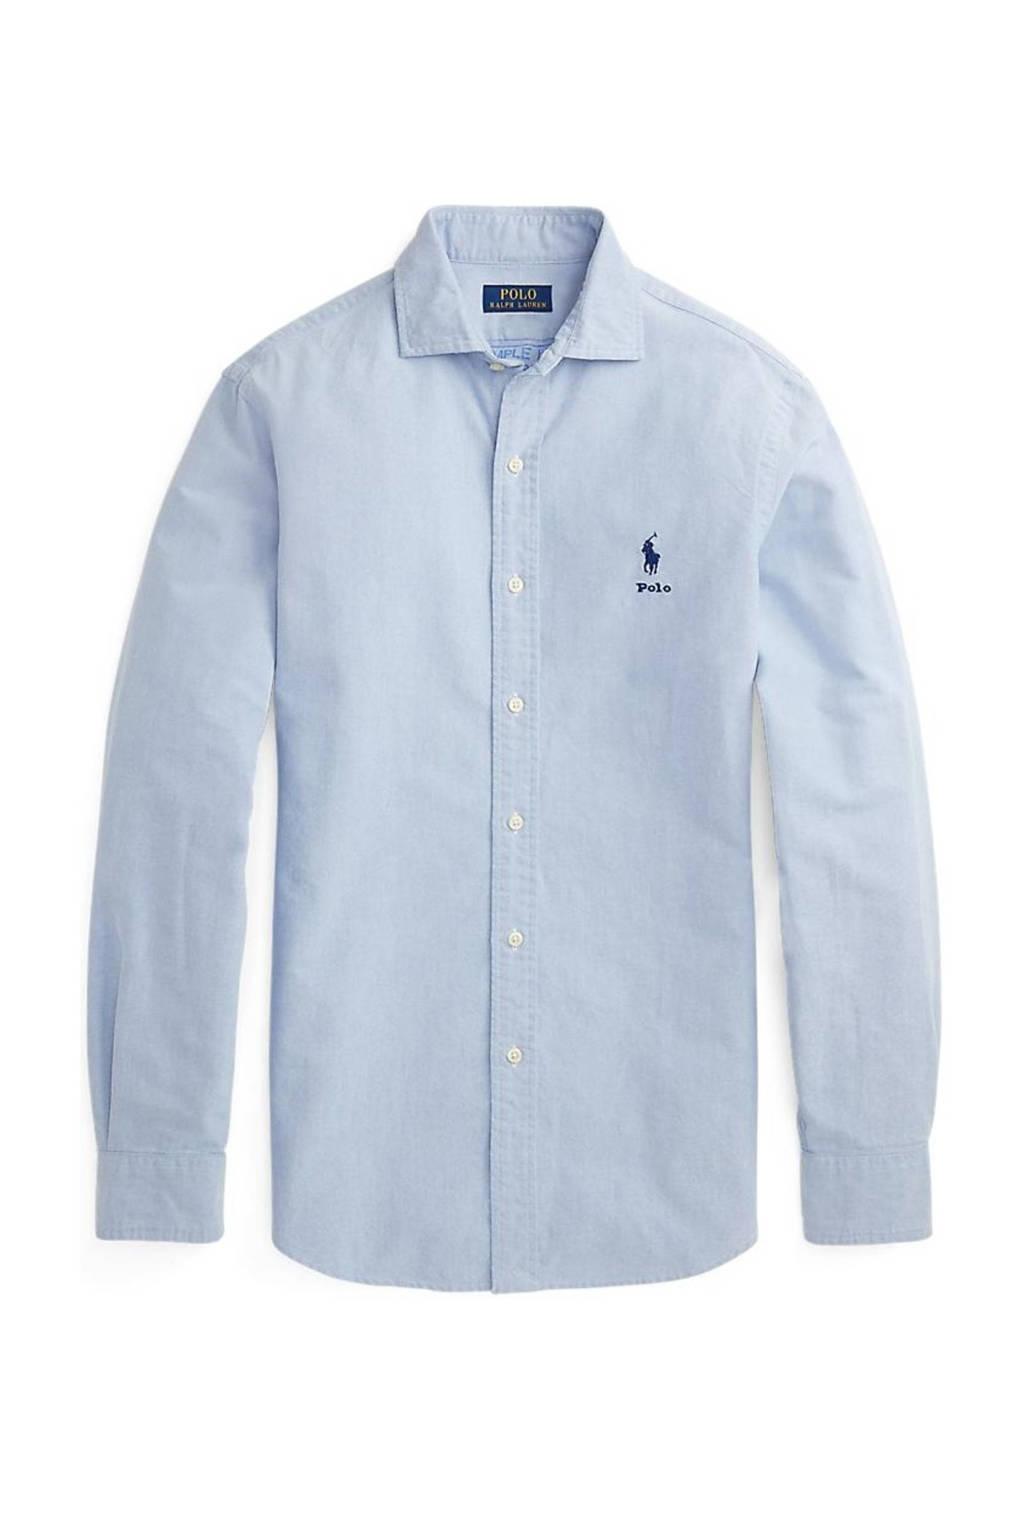 POLO Ralph Lauren regular fit overhemd lichtblauw, Lichtblauw